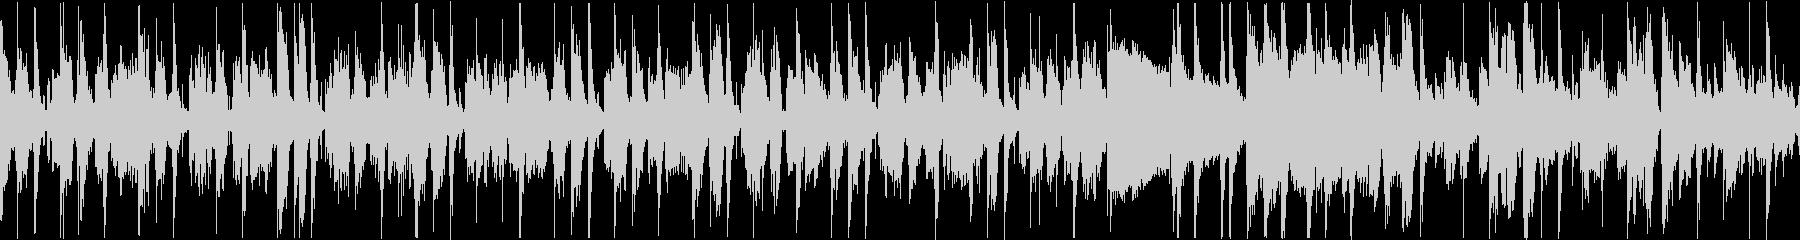 重みのあるクールなファンクギタートラックの未再生の波形